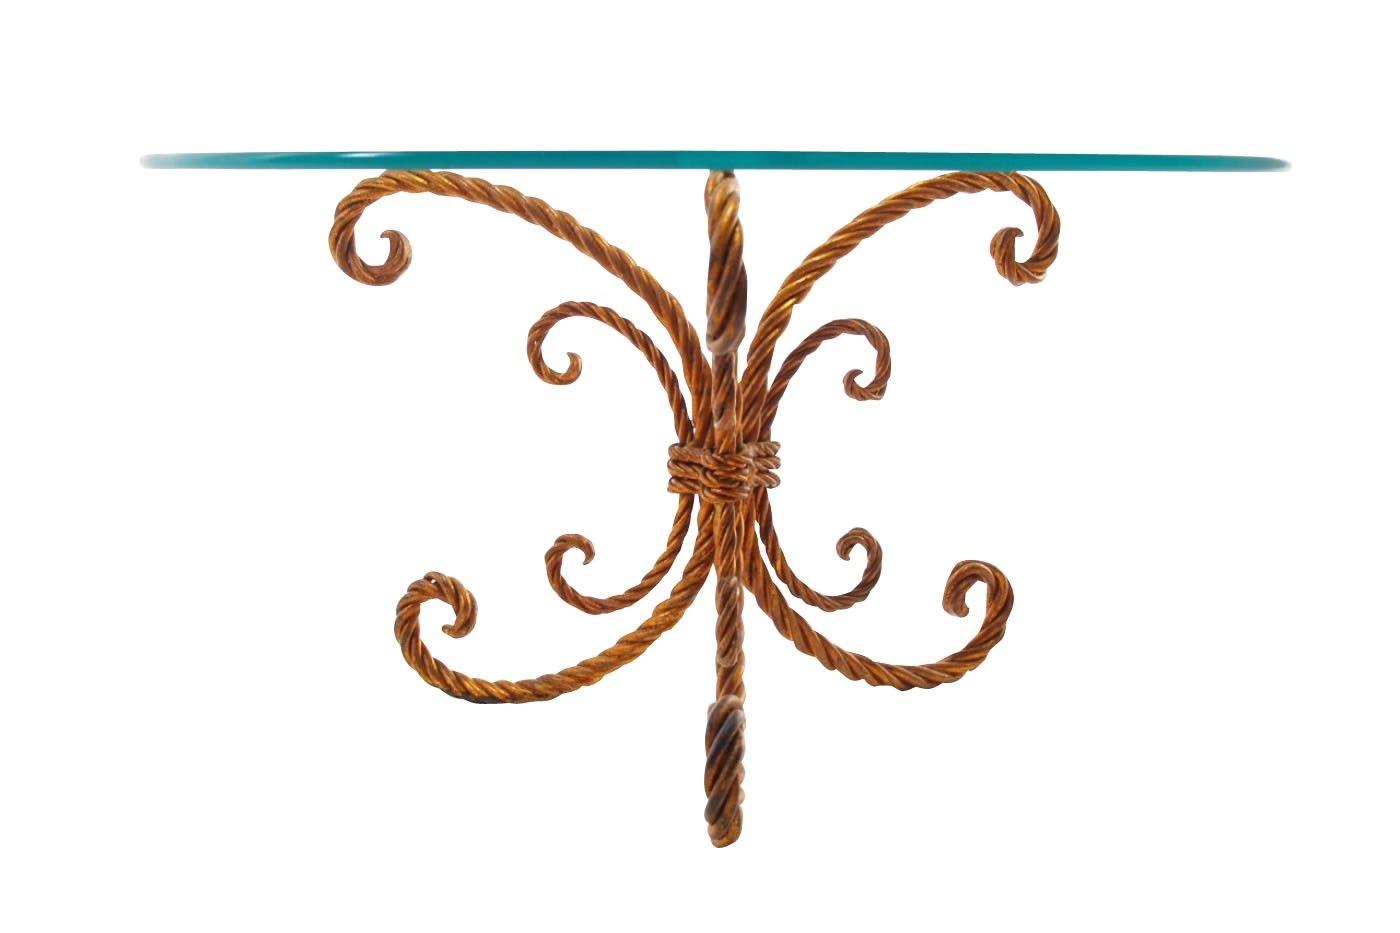 Vergoldeter Metall Couchtisch mit Seilähnlichem Fuß bei